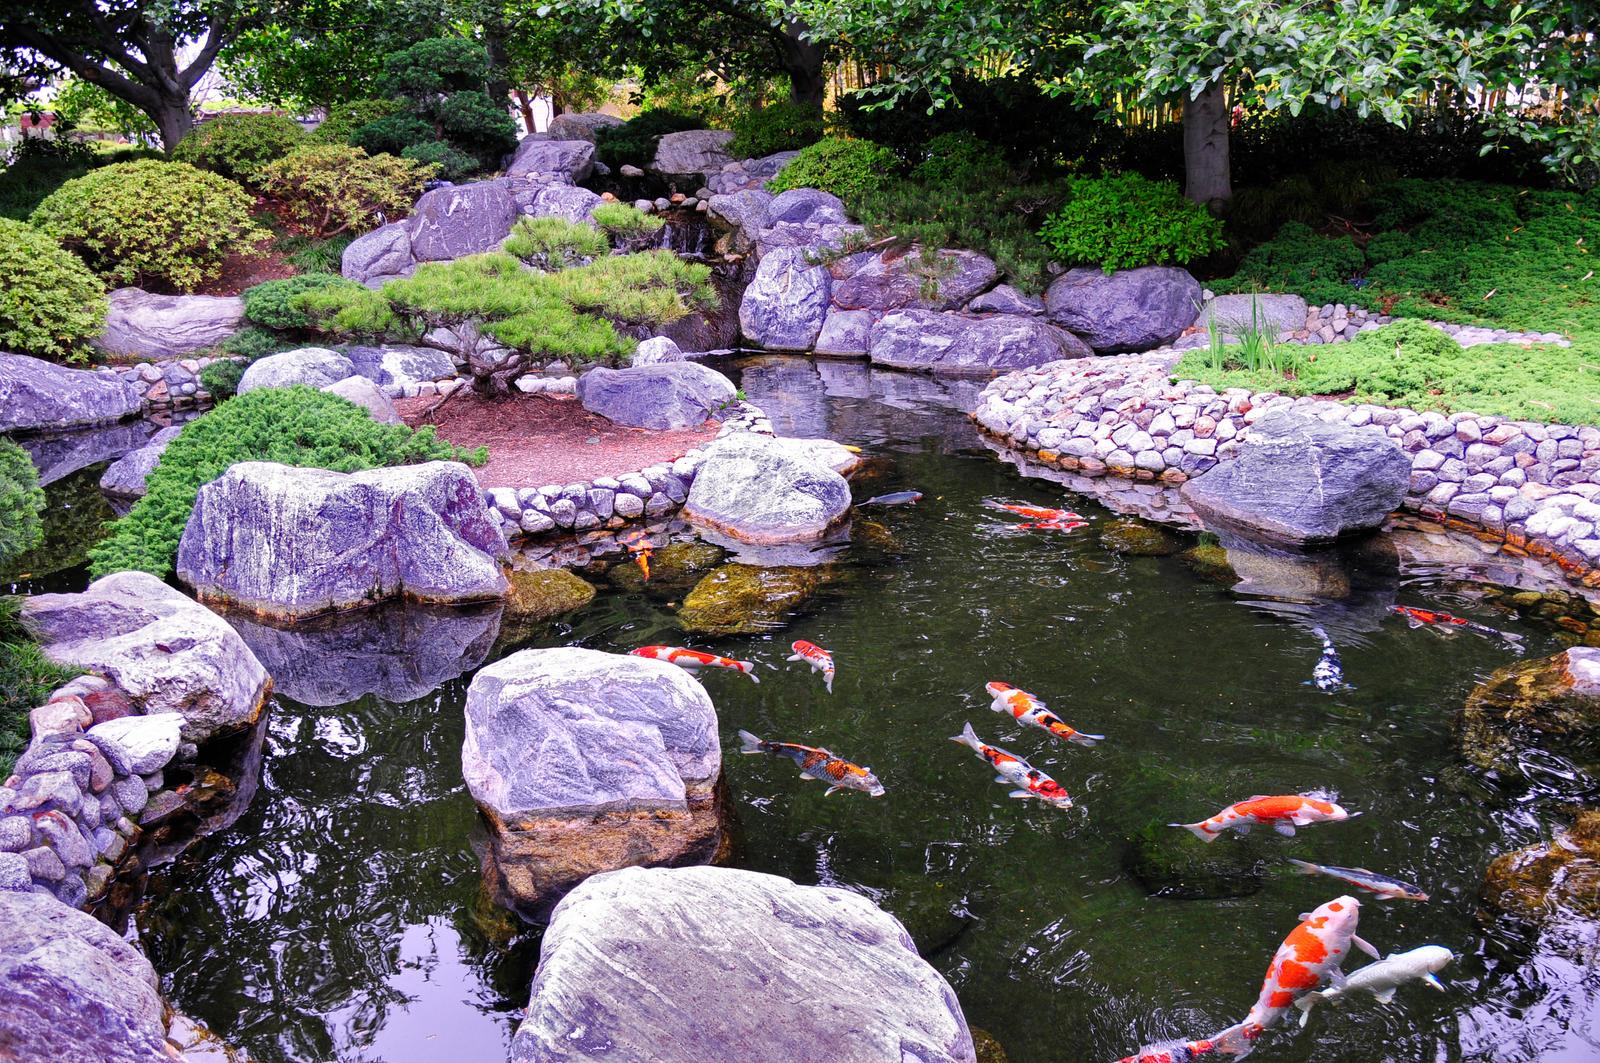 Japanese garden tranquil koi by andyserrano on deviantart for Japanese garden koi